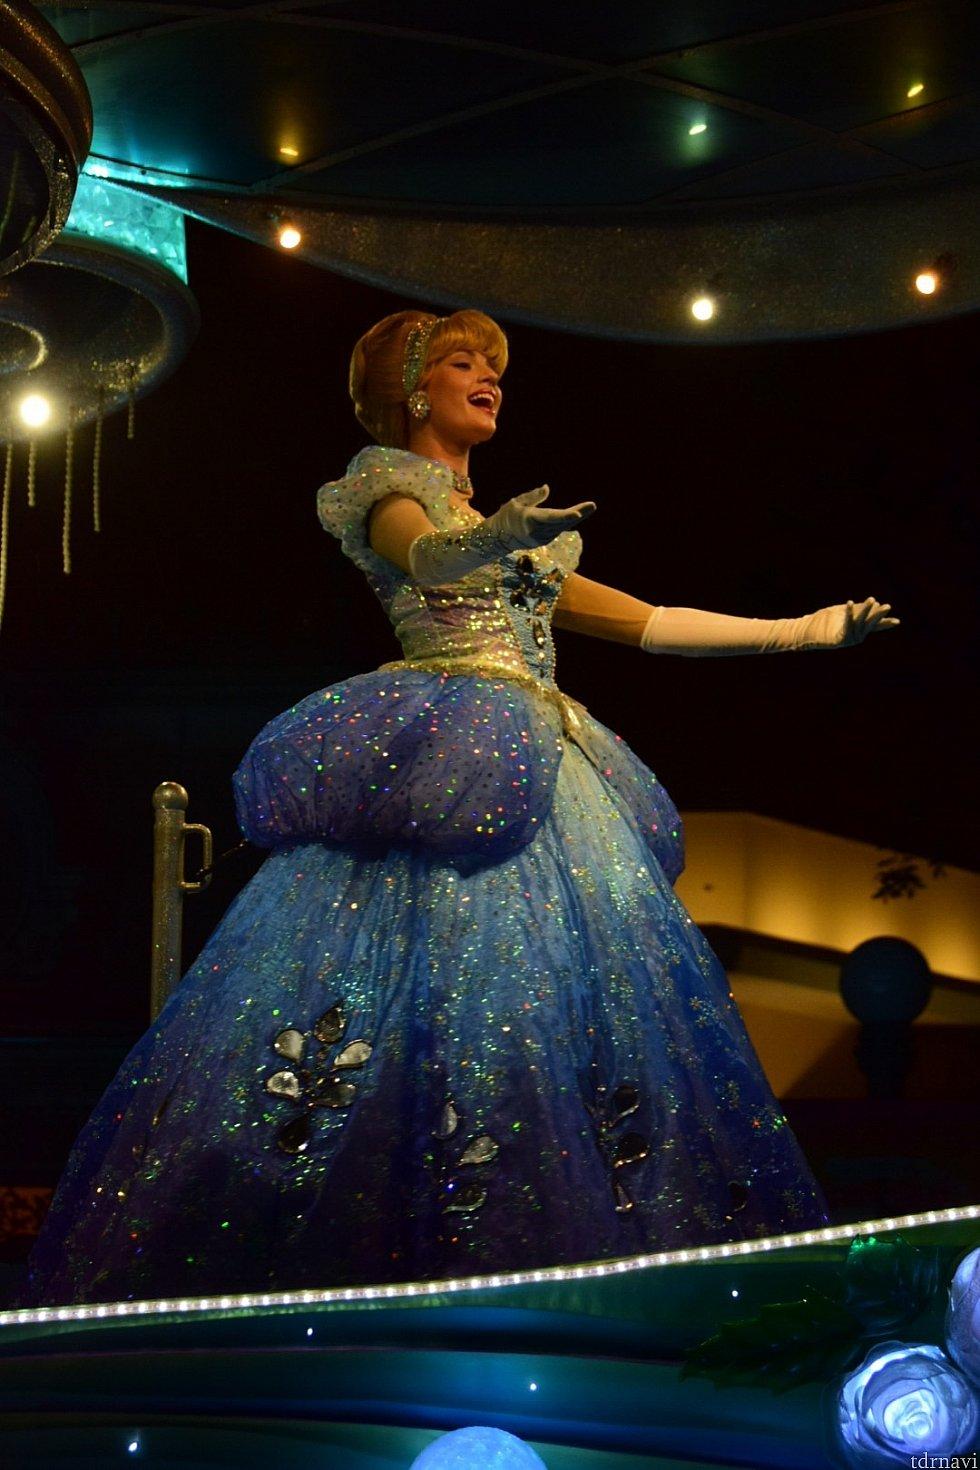 シンデレラのドレスにも雨粒のモチーフが。